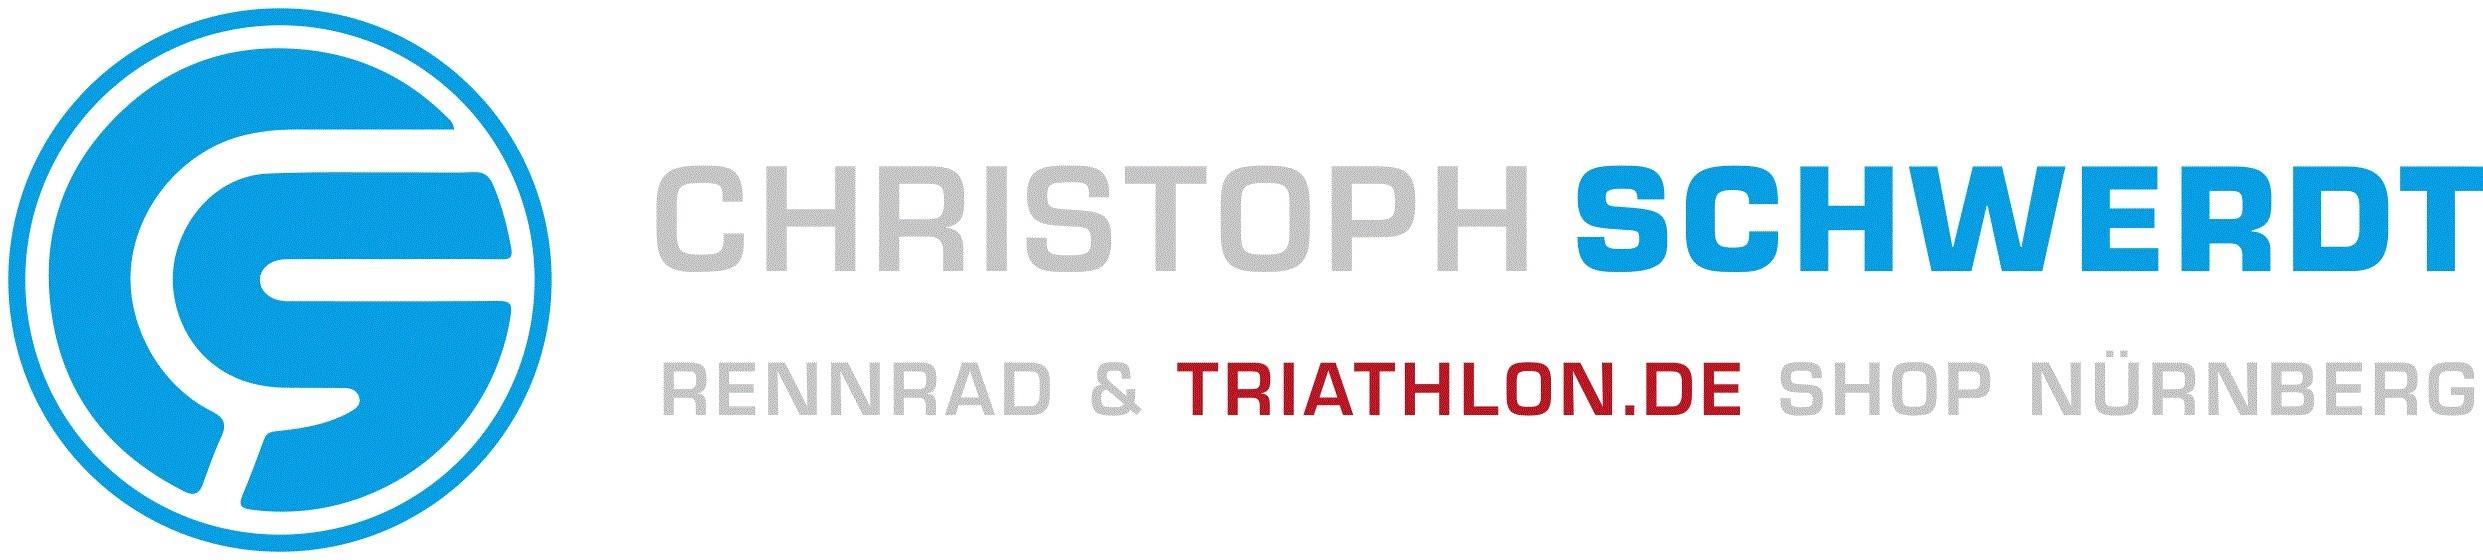 Christoph Schwerdt Rad-& Rennsport